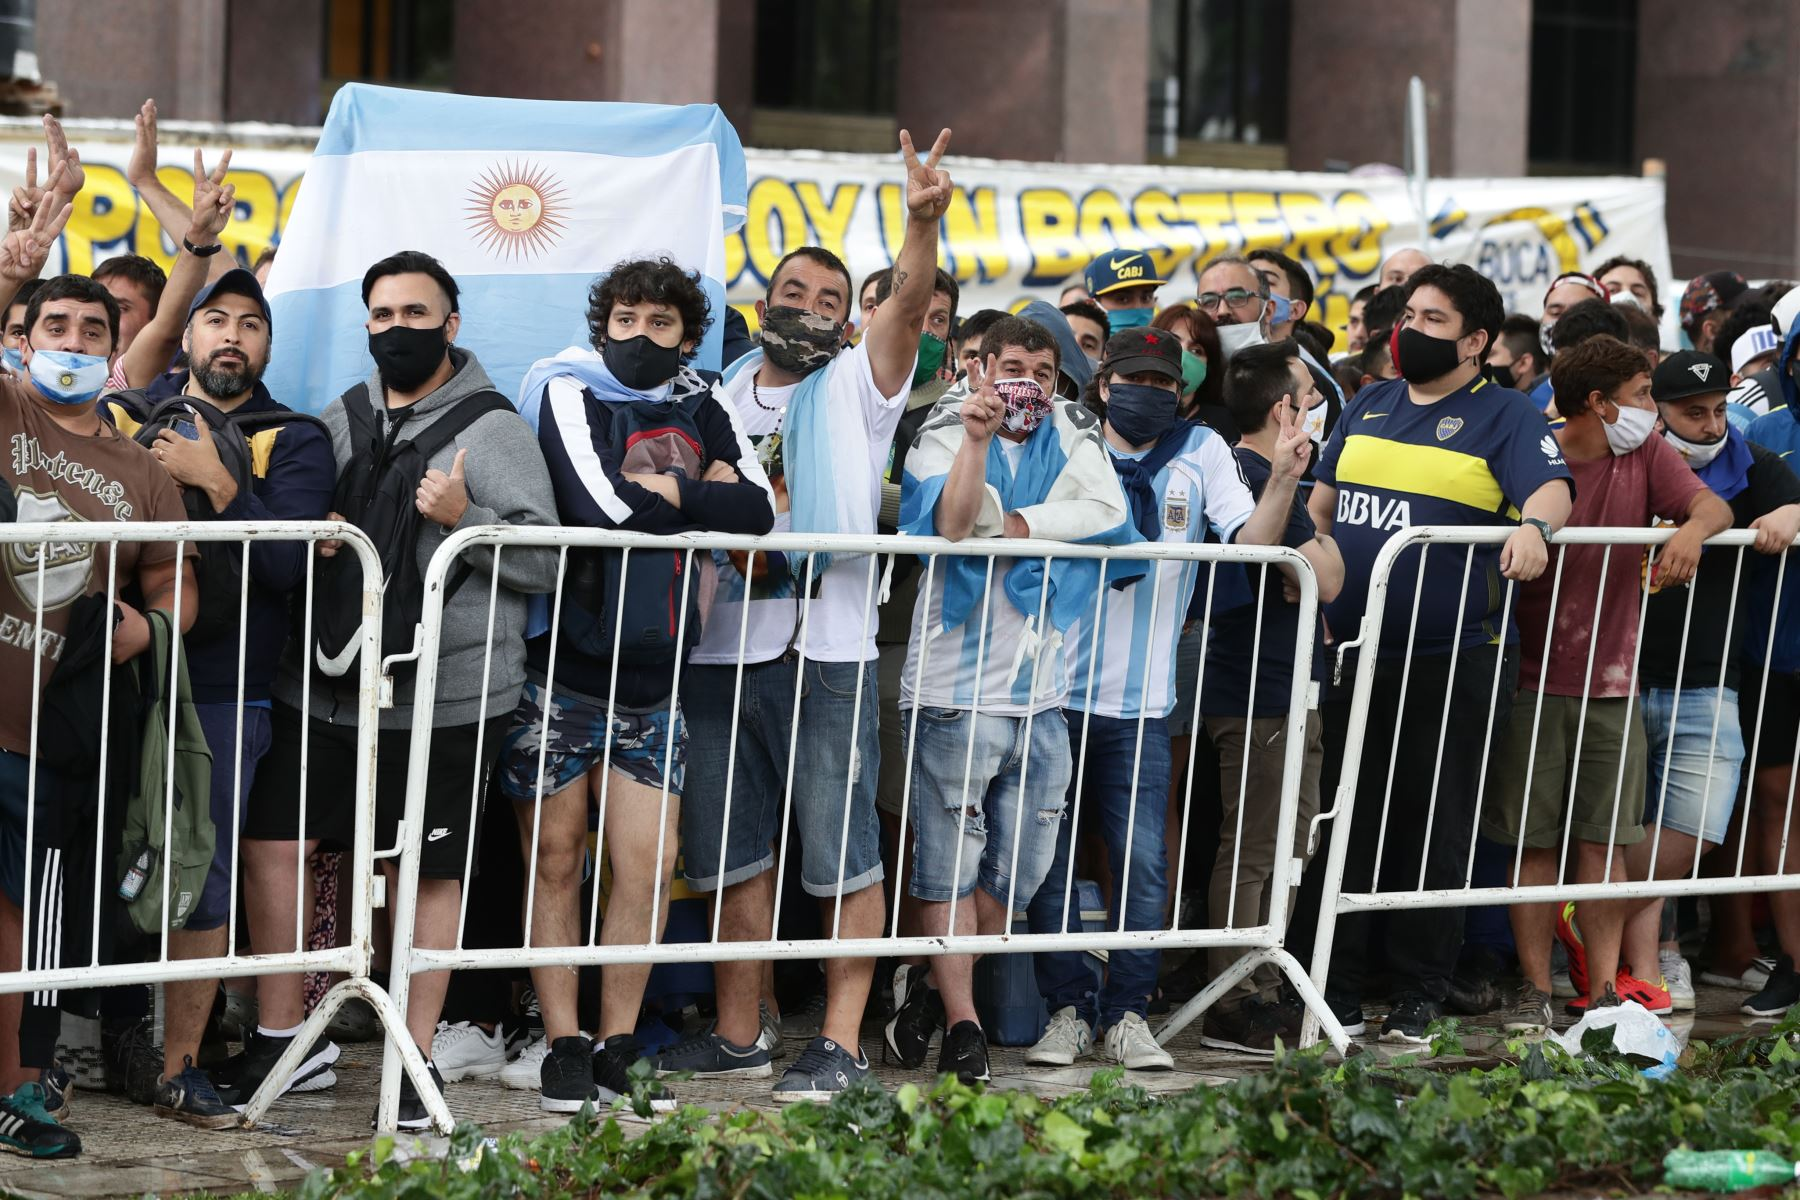 La gente hace cola  frente al palacio presidencial en Buenos Aires para rendir homenaje al ataúd de la leyenda del fútbol Diego Maradona, que llegó durante un período de reposo tras su muerte el día antes de los 60 años mientras se recuperaba de una operación cerebral. Foto: AFP